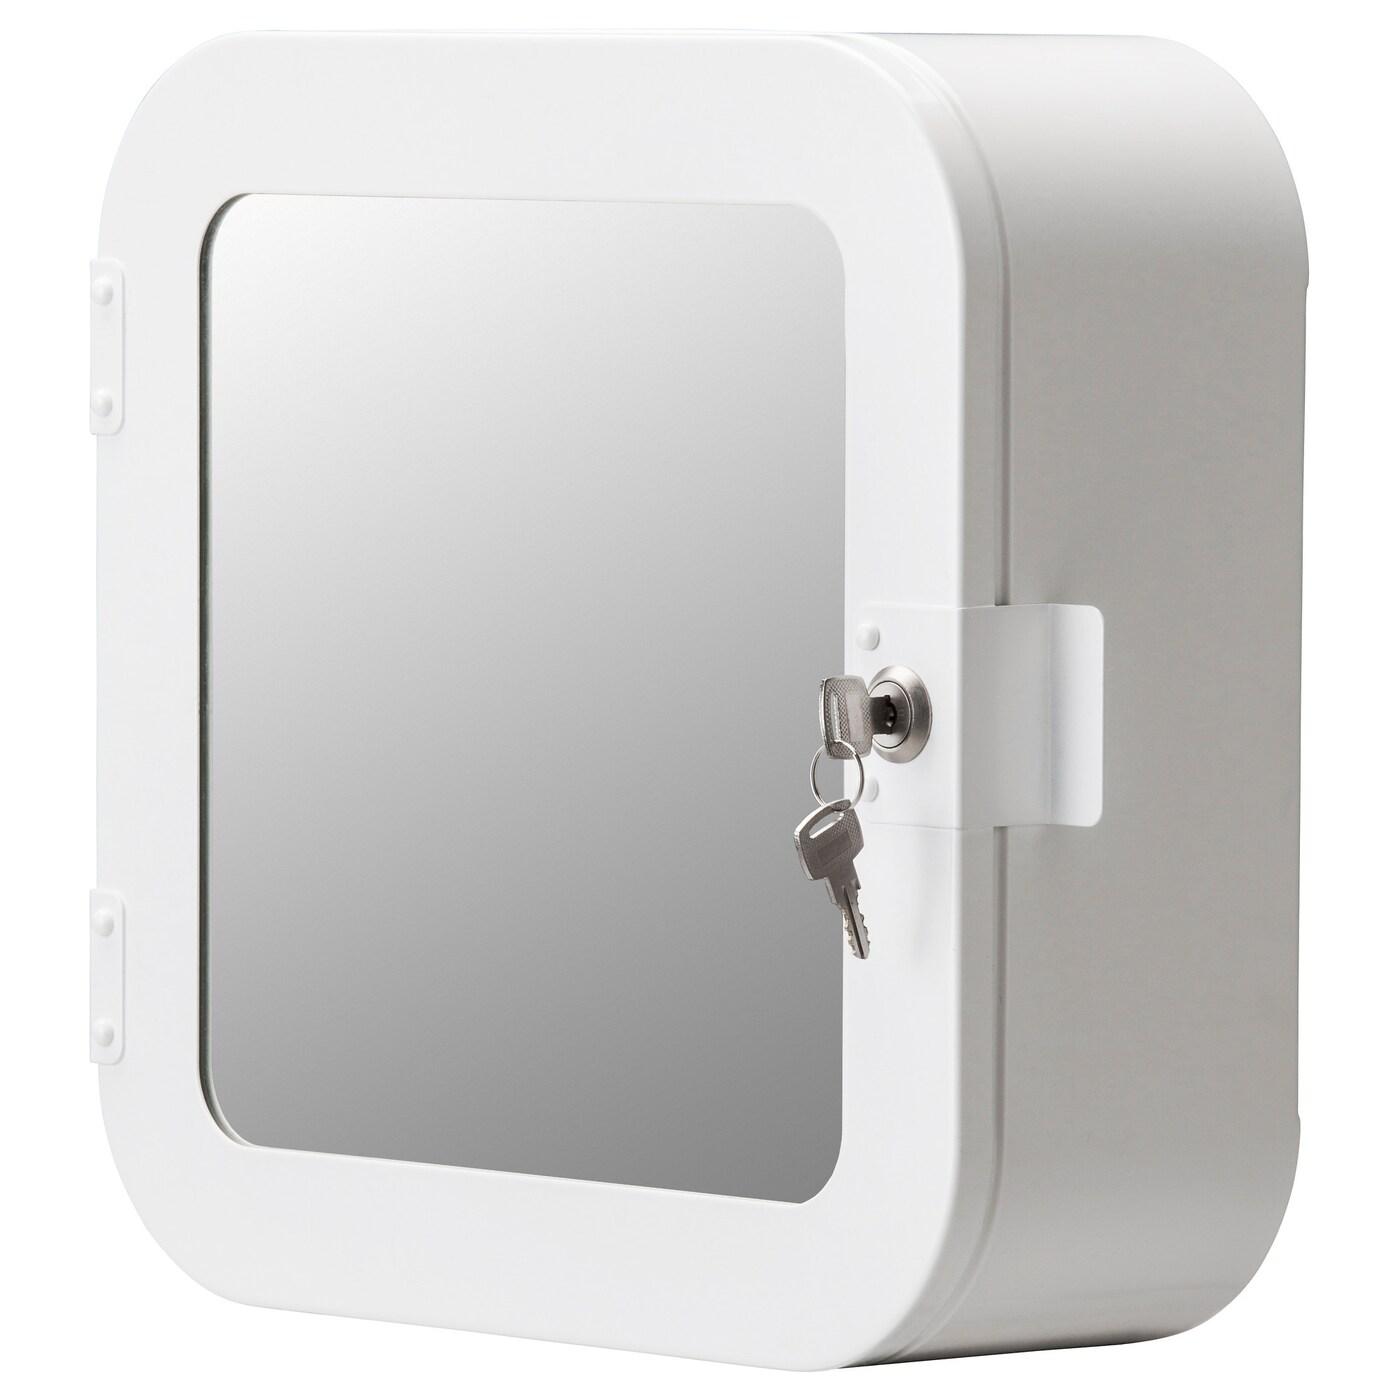 Bathroom wall cabinets ikea - Ikea Gunnern Lockable Cabinet Lockable An Extra Key Is Included